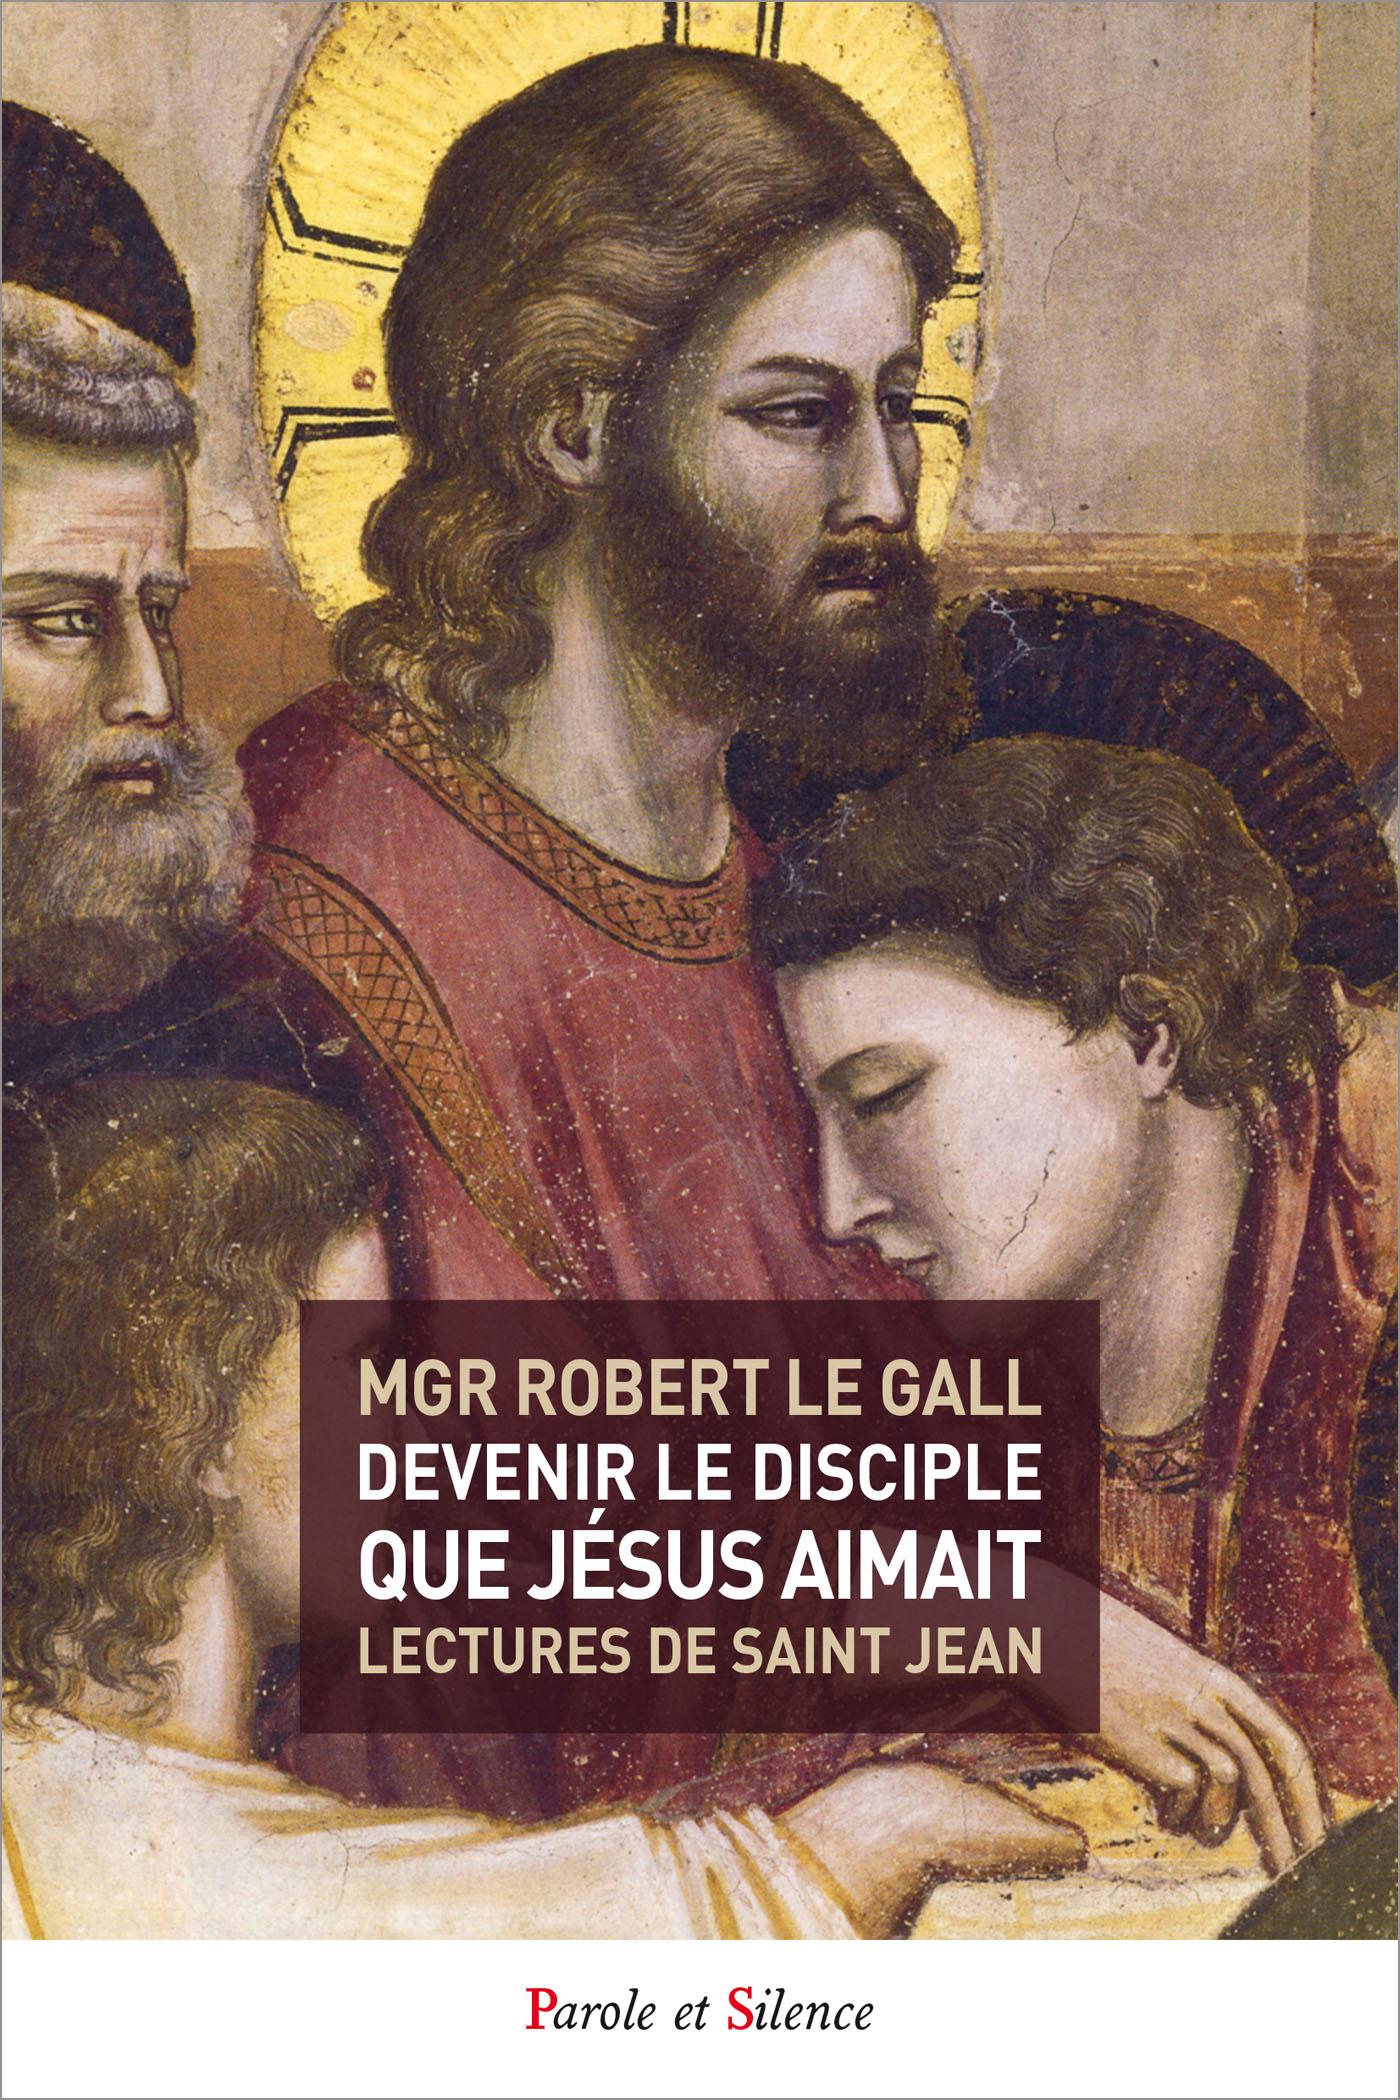 Devenir le disciple que Jésus aimait